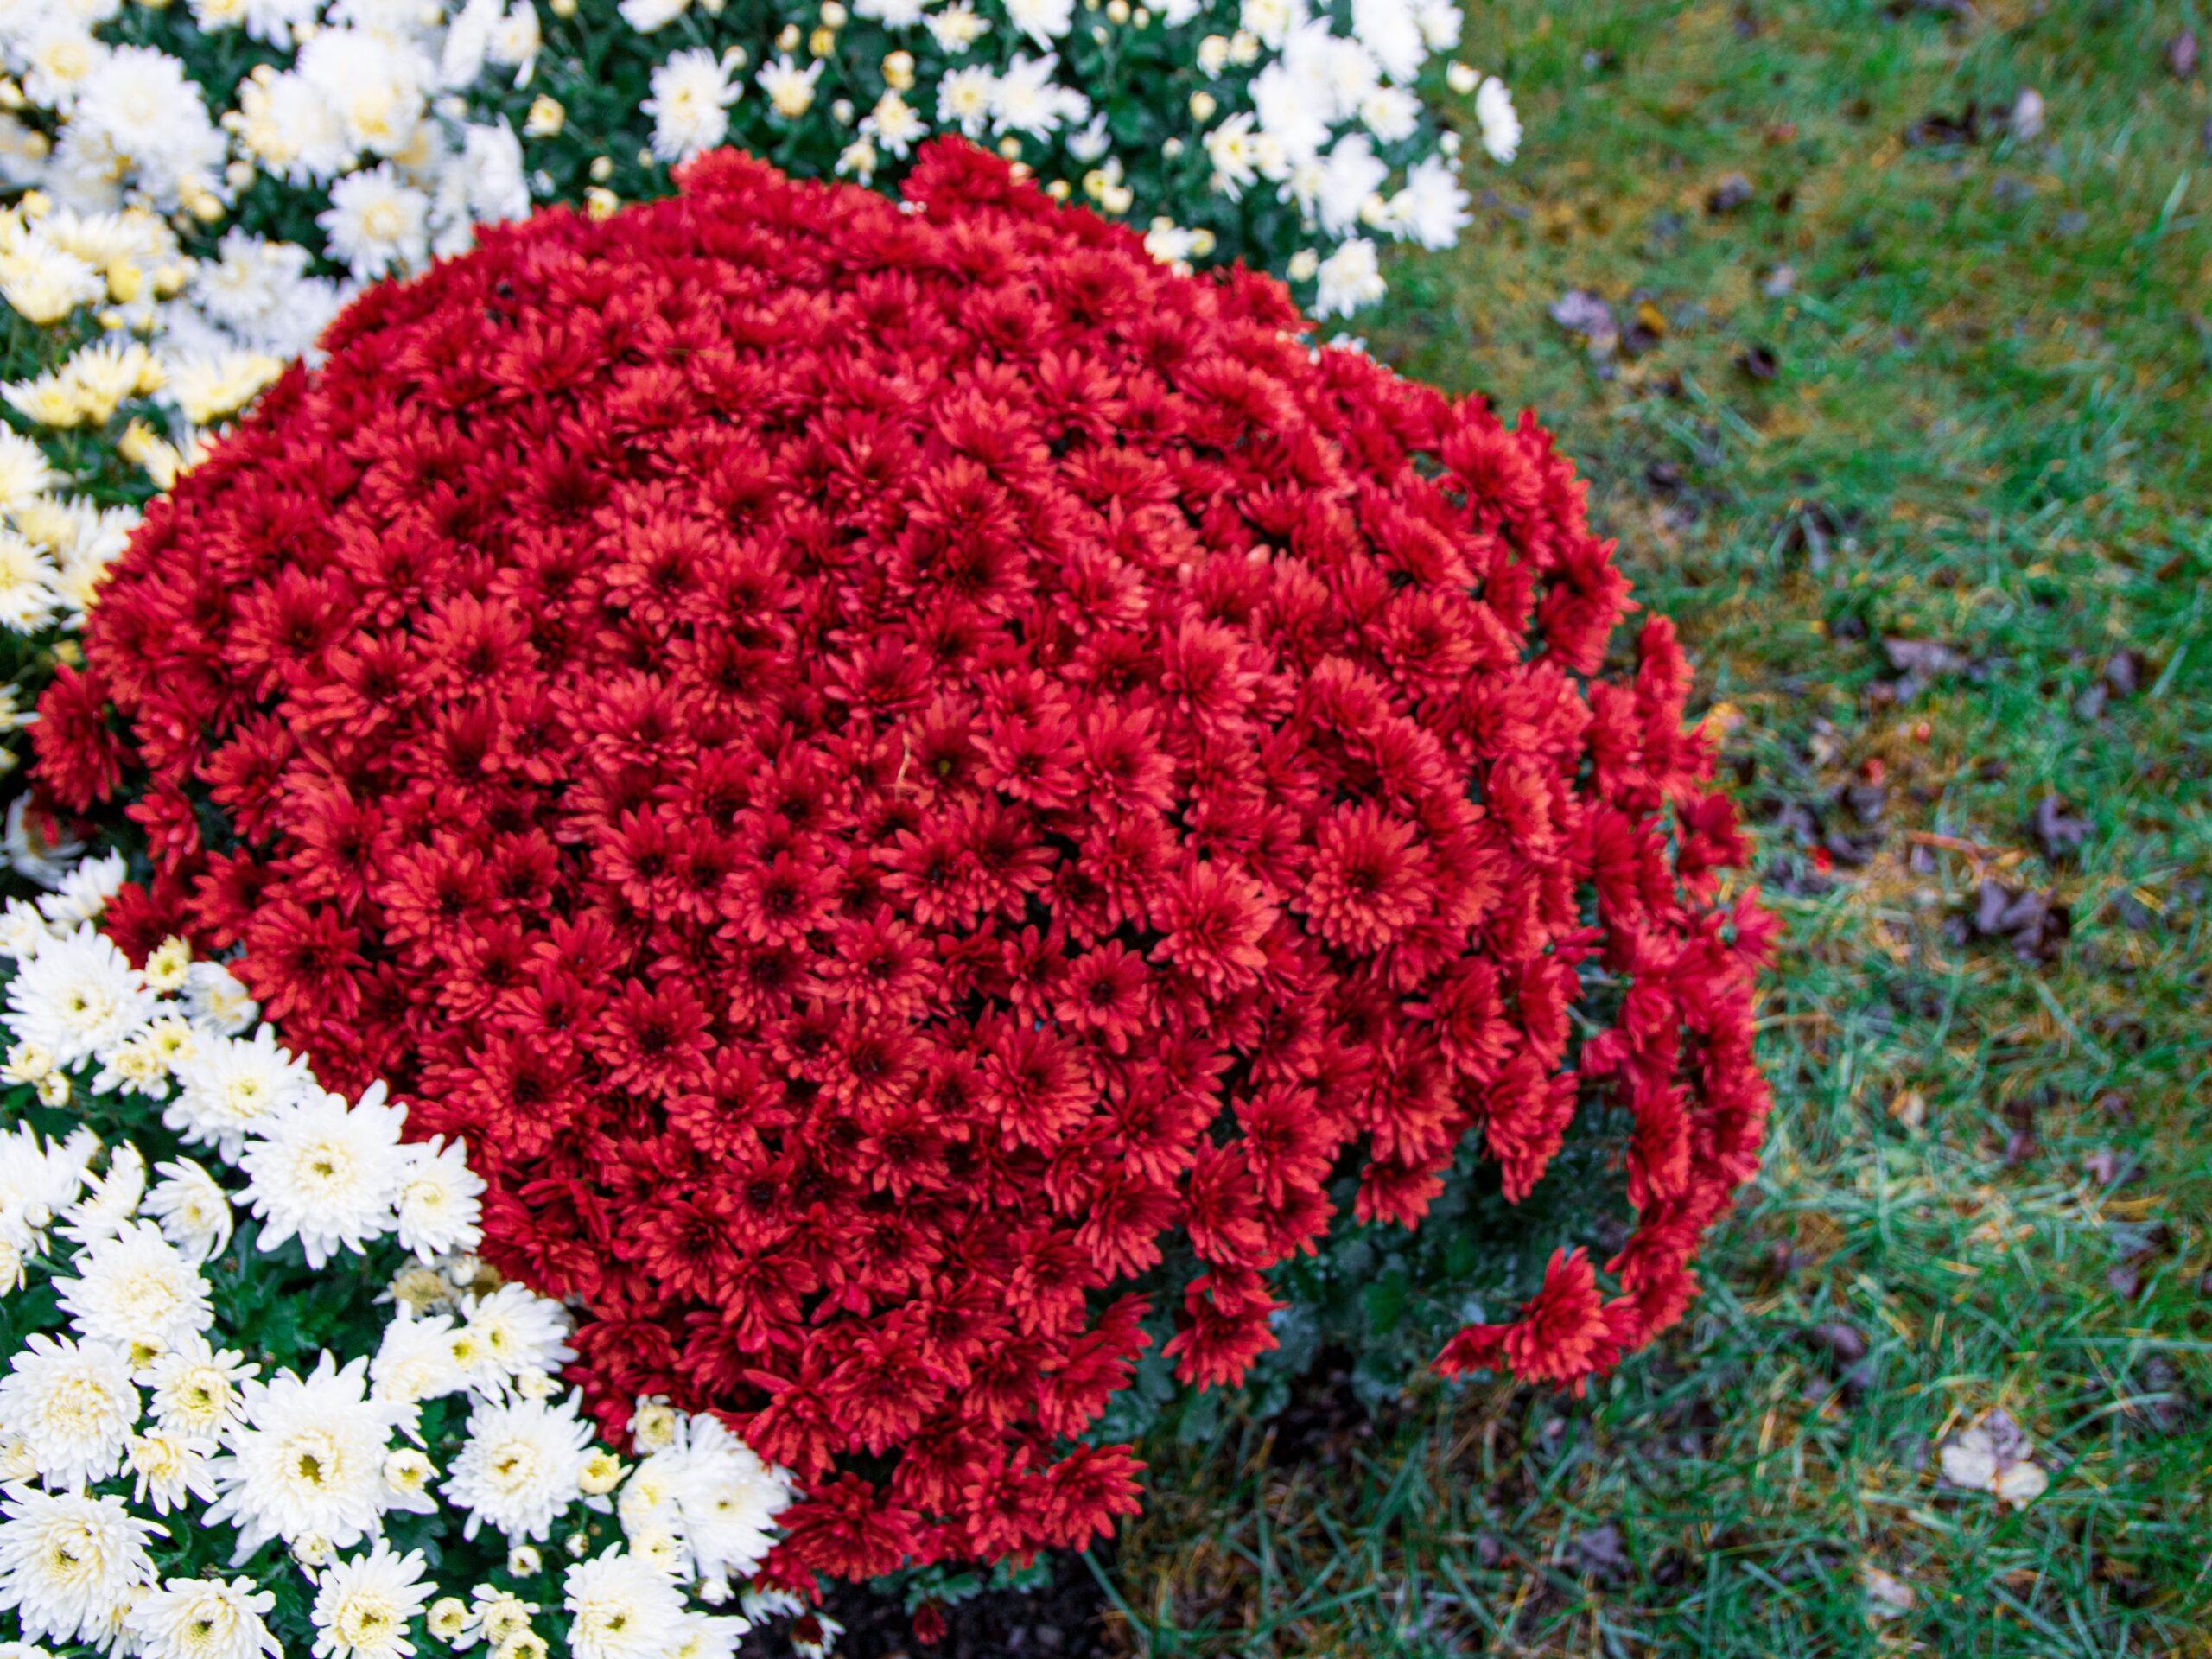 Czerwone chryzantemy odkupione przez Gminę